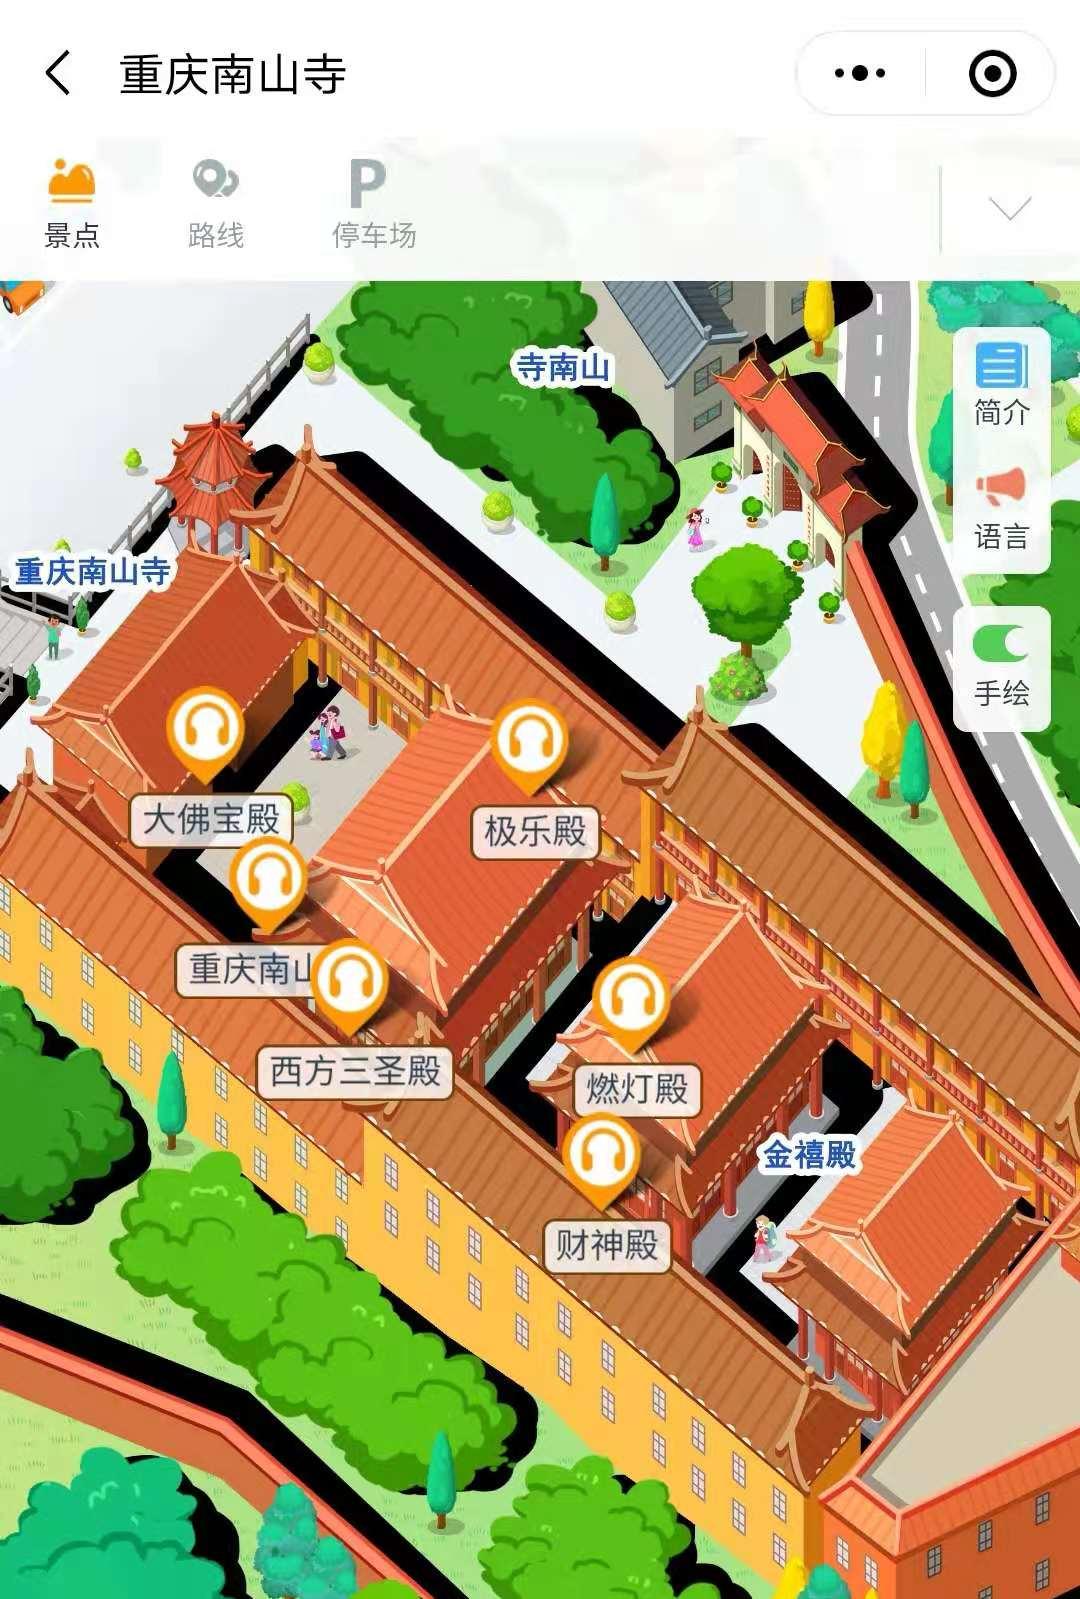 2021年重庆南山寺手绘地图,电子导览,语音讲解系统上线.jpg